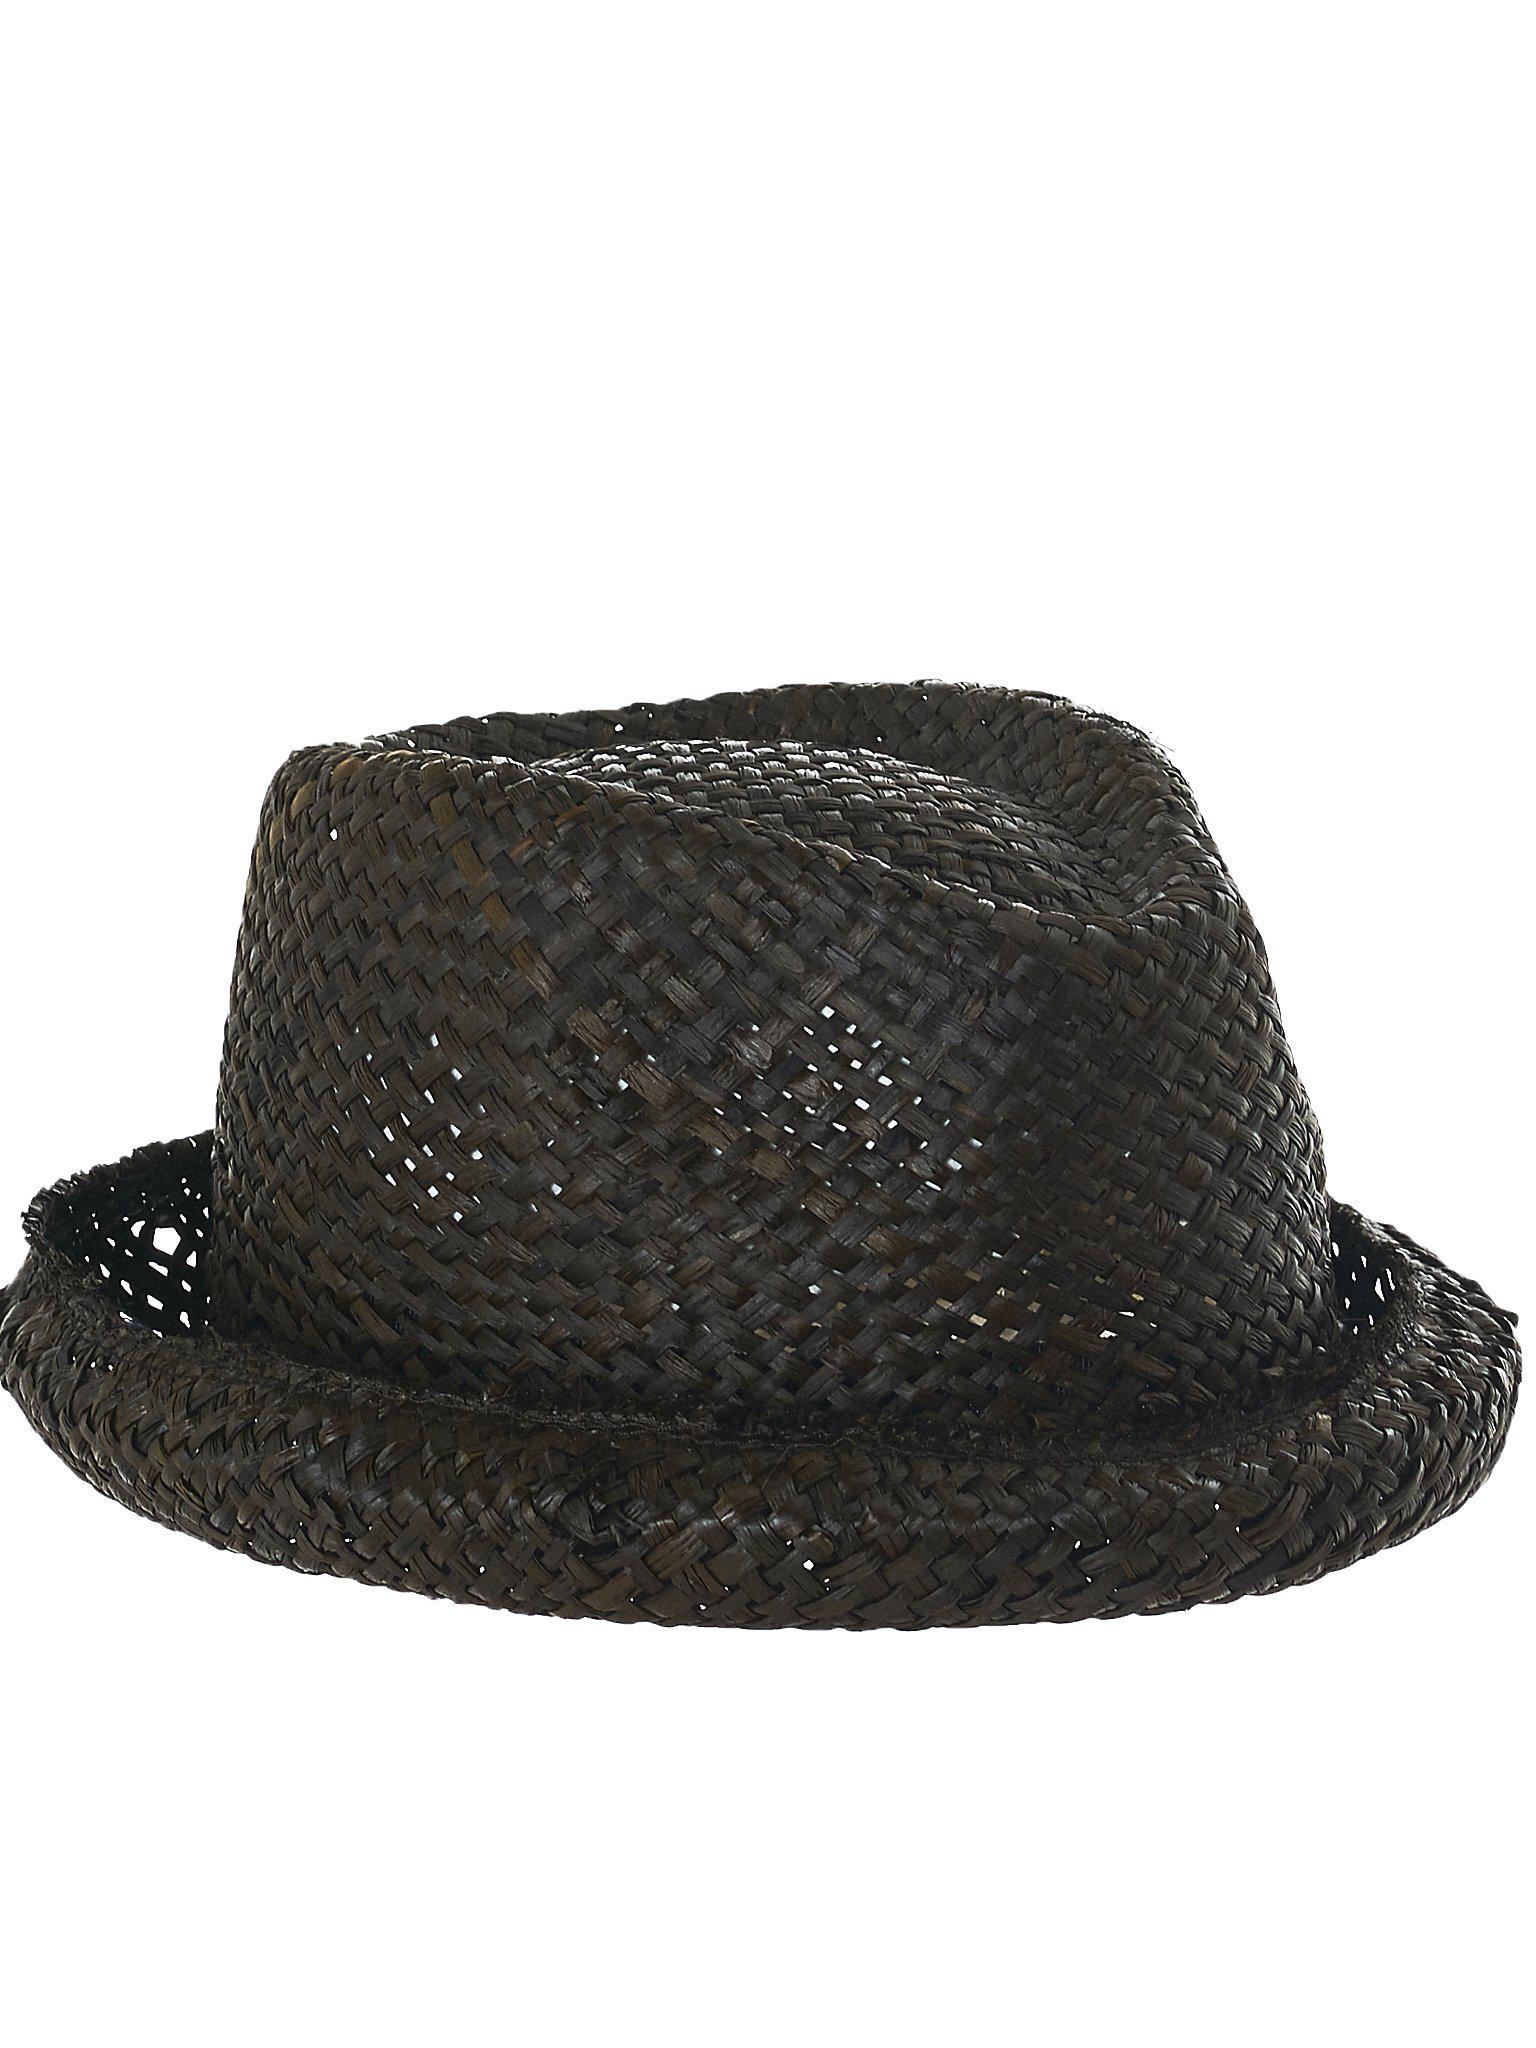 ACCESSORIES - Hats Isabel Benenato oIwlxxZ